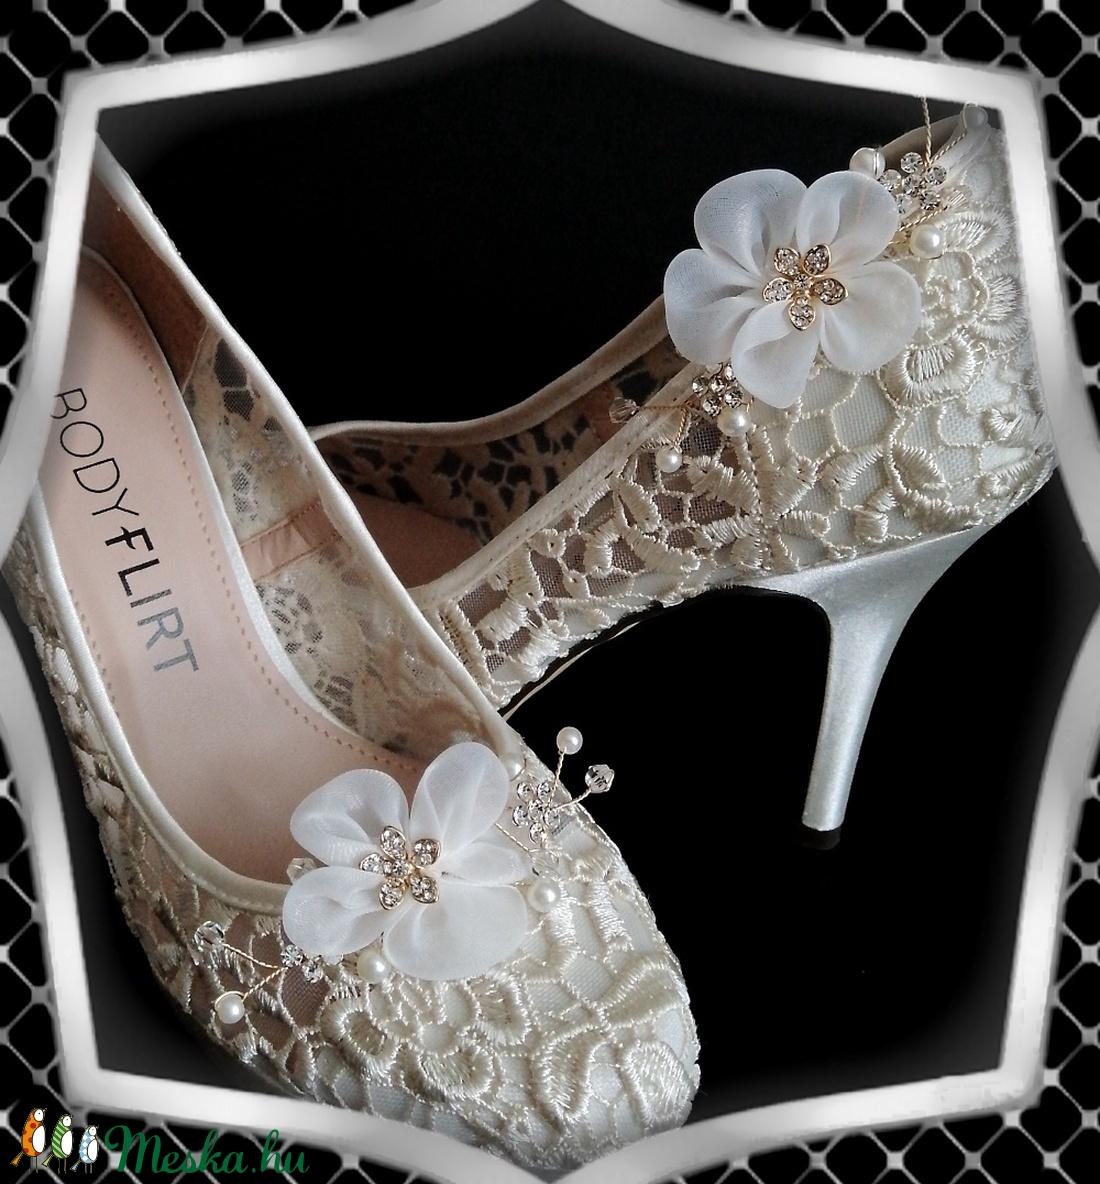 Esküvői, menyasszonyi, alkalmi cipődísz, cipőklipsz ES-CK22 - esküvő - cipő és cipőklipsz - Meska.hu